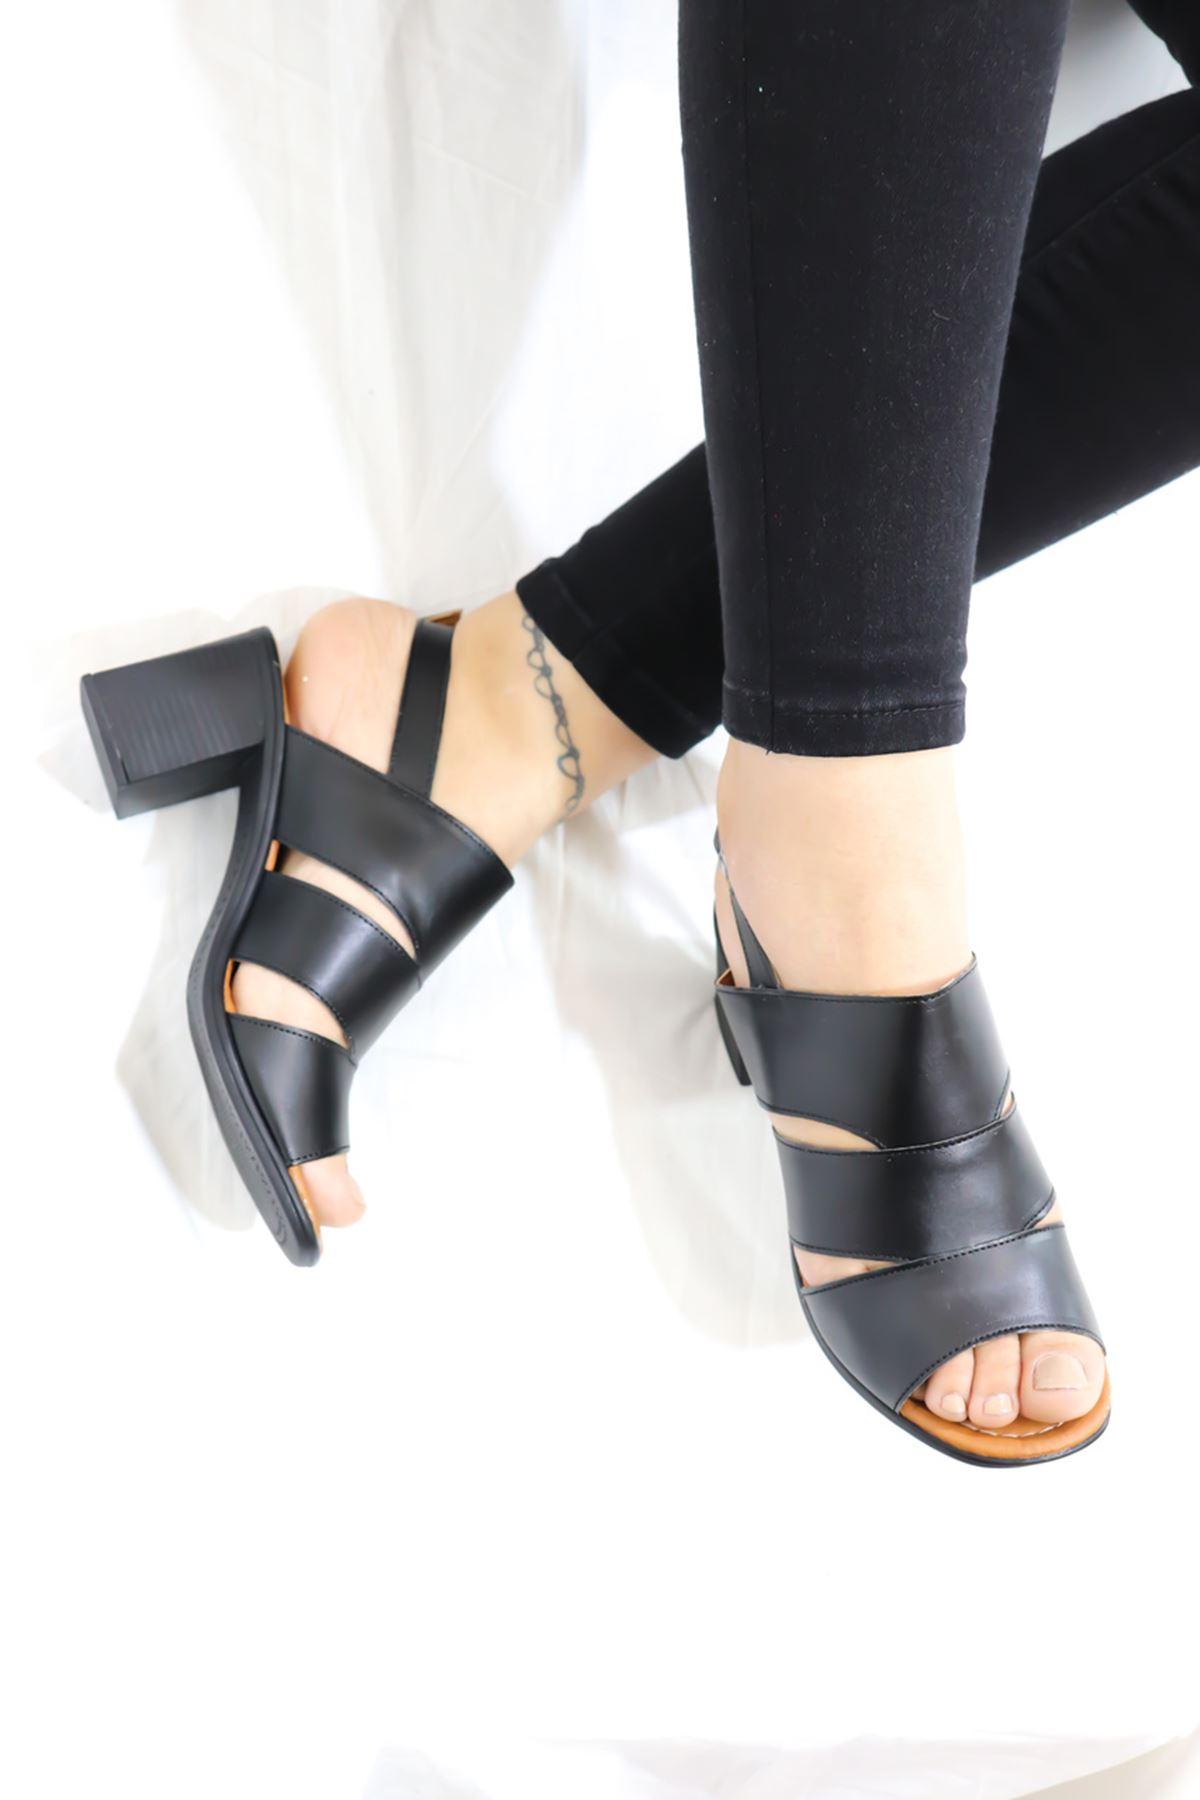 Feles - Kafes Tasarım Kadın Topuklu Ayakkabı Siyah 1